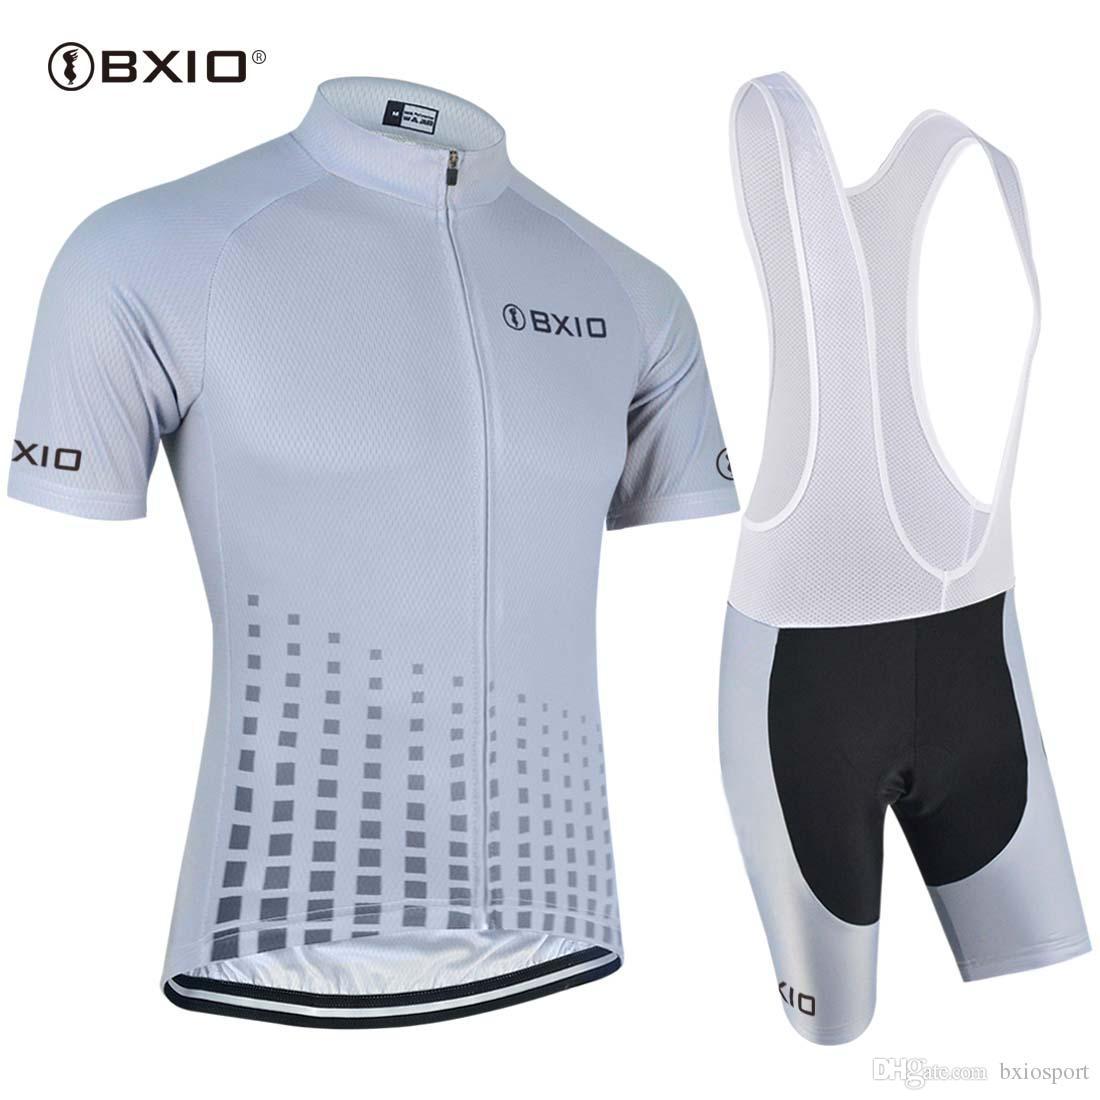 ... BIXO New Cycling Jersey Set Mountain Bike Outdoor Abbigliamento  Sportivo Abbigliamento Bici Abbigliamento Bici Traspirante Maglia Manica  Corta Jersey BX ... bfef107cb